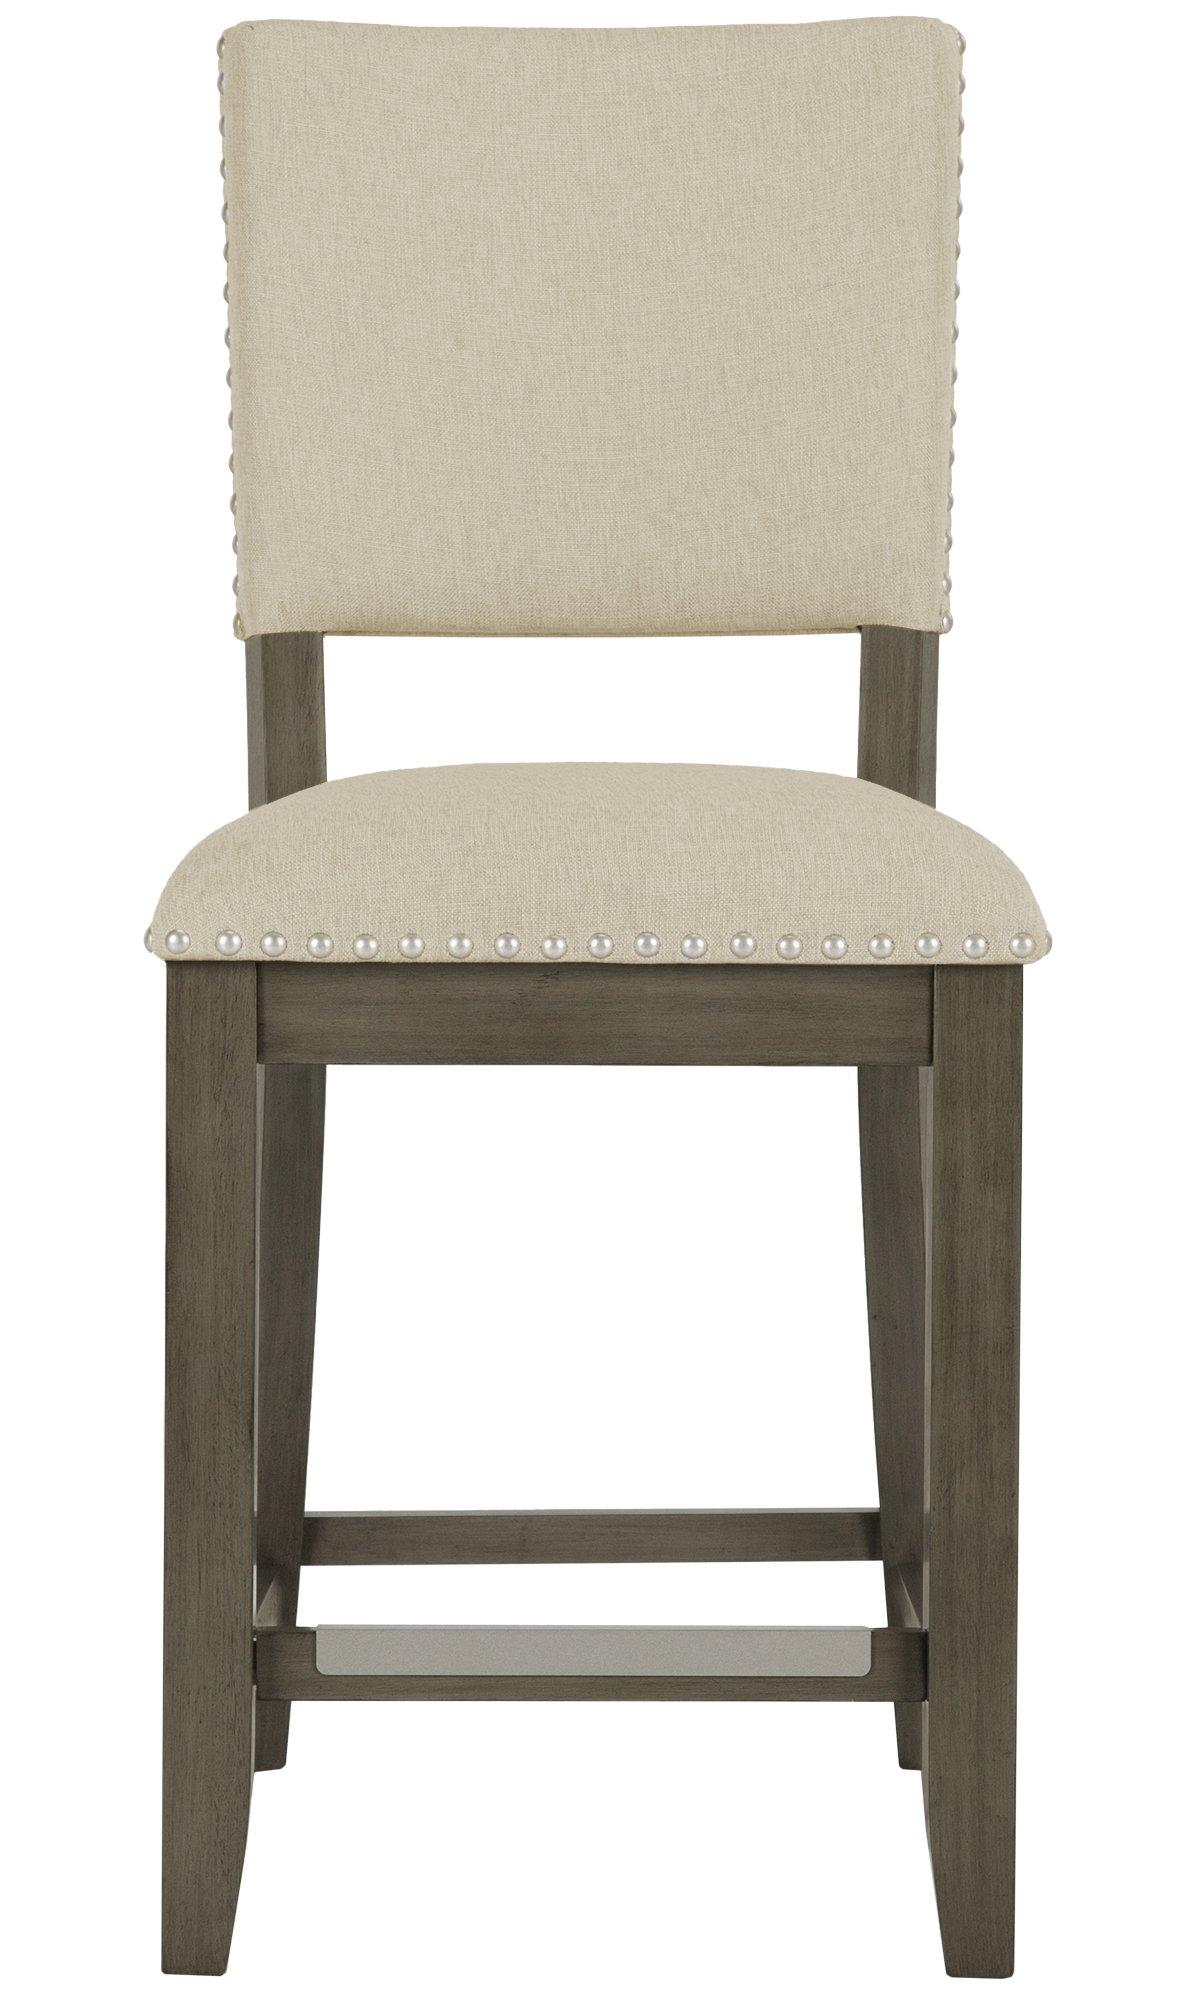 Omaha Gray Upholstered 24 Upholstered Barstool